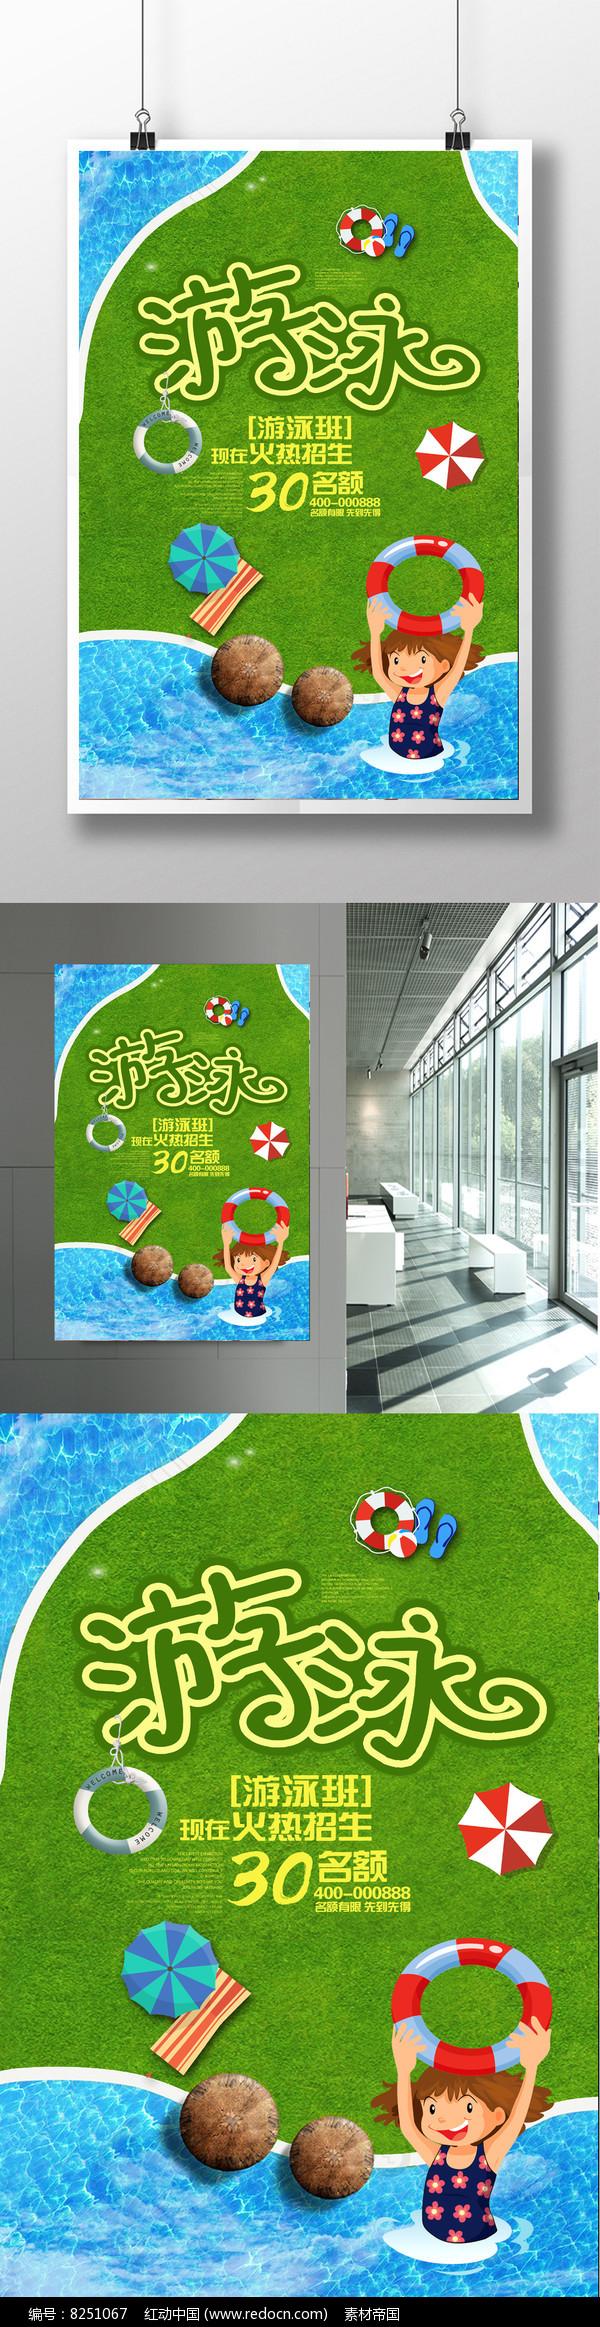 卡通游泳馆海报设计图片